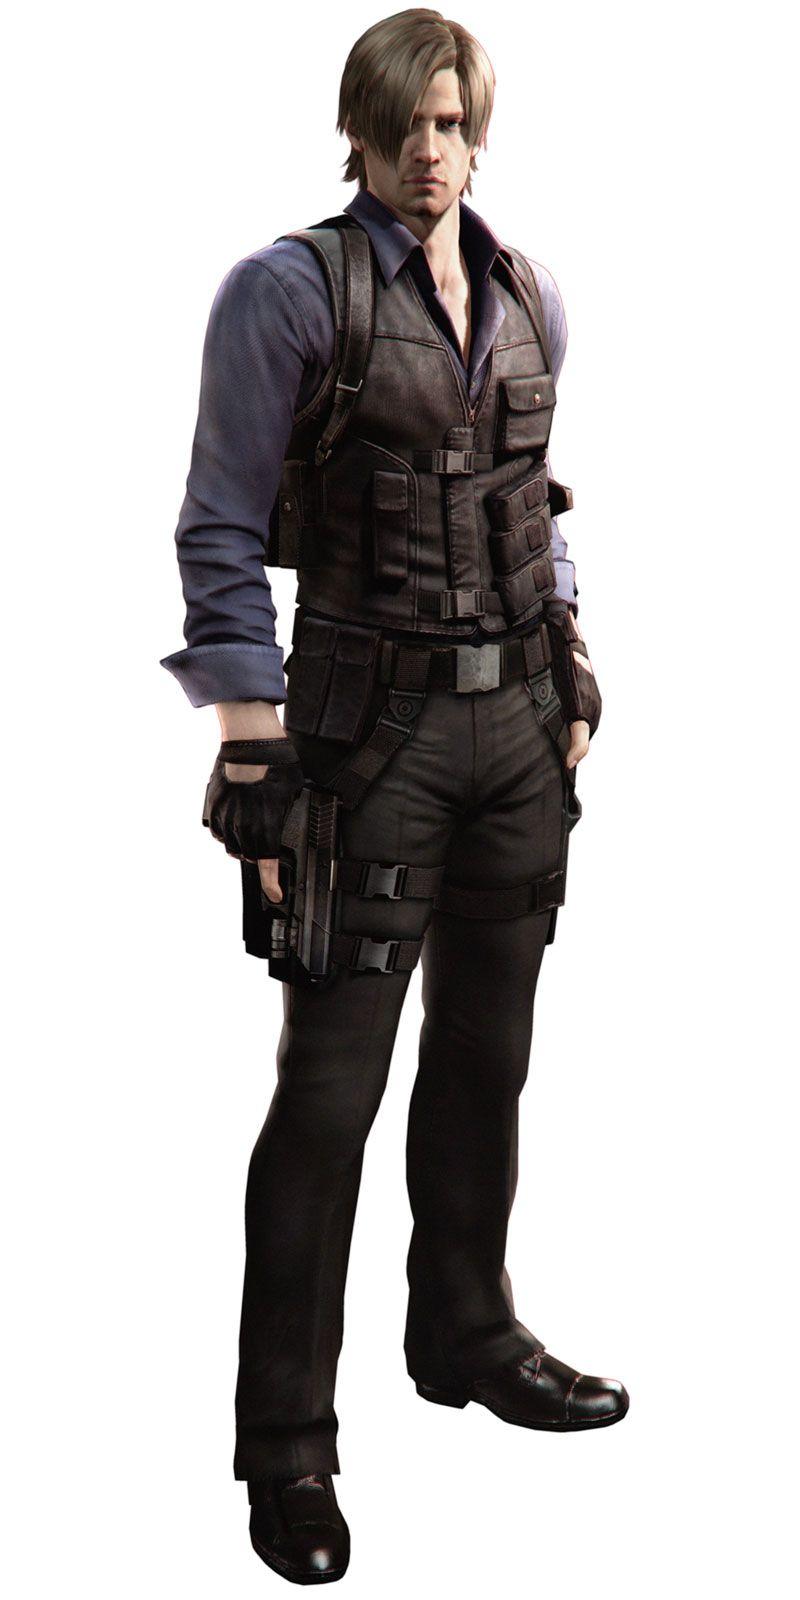 All Resident Evil Leon Scott Kennedy Costumes Resident